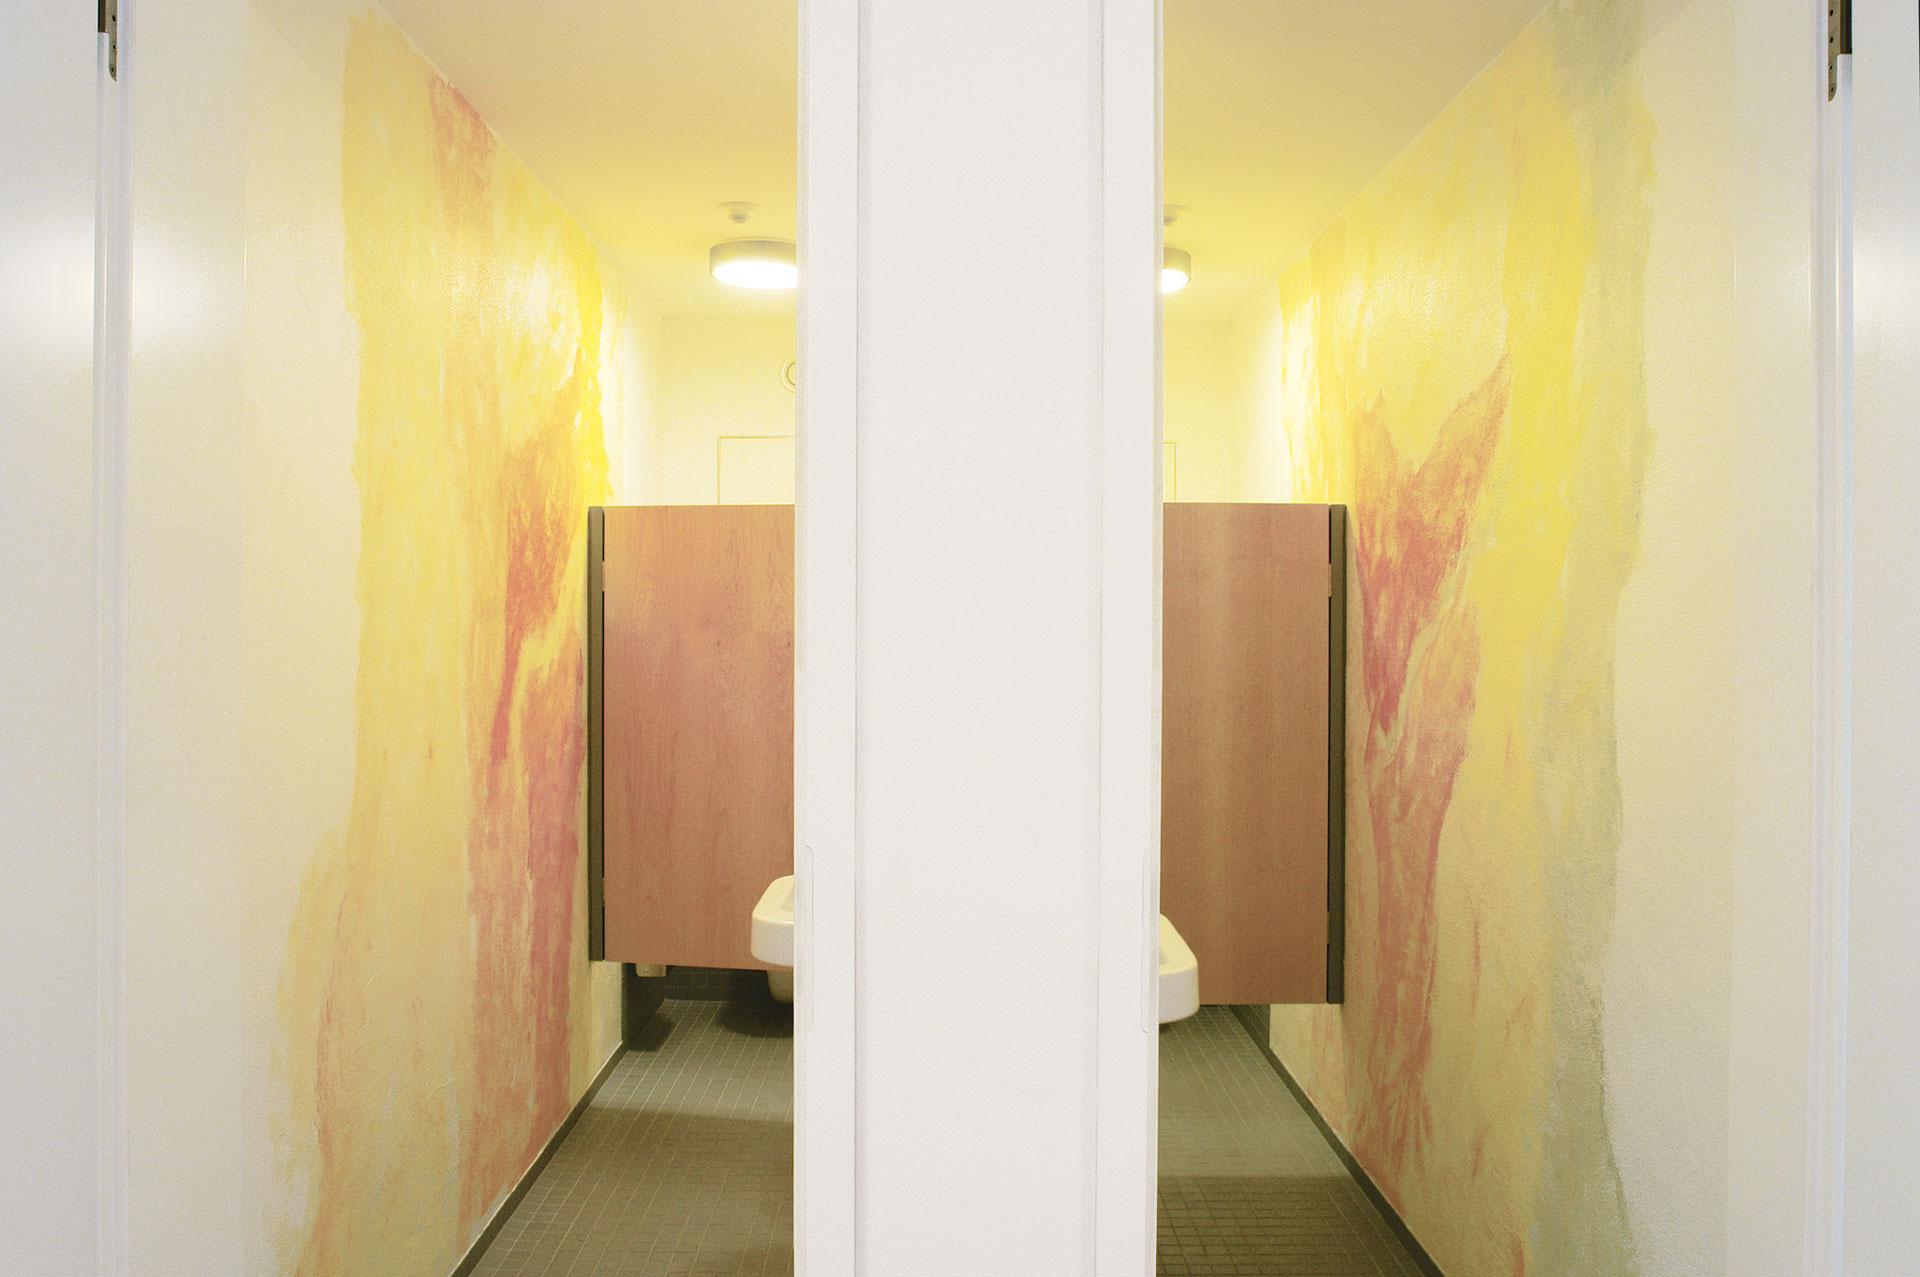 Farbgestaltung - Maler Drewes